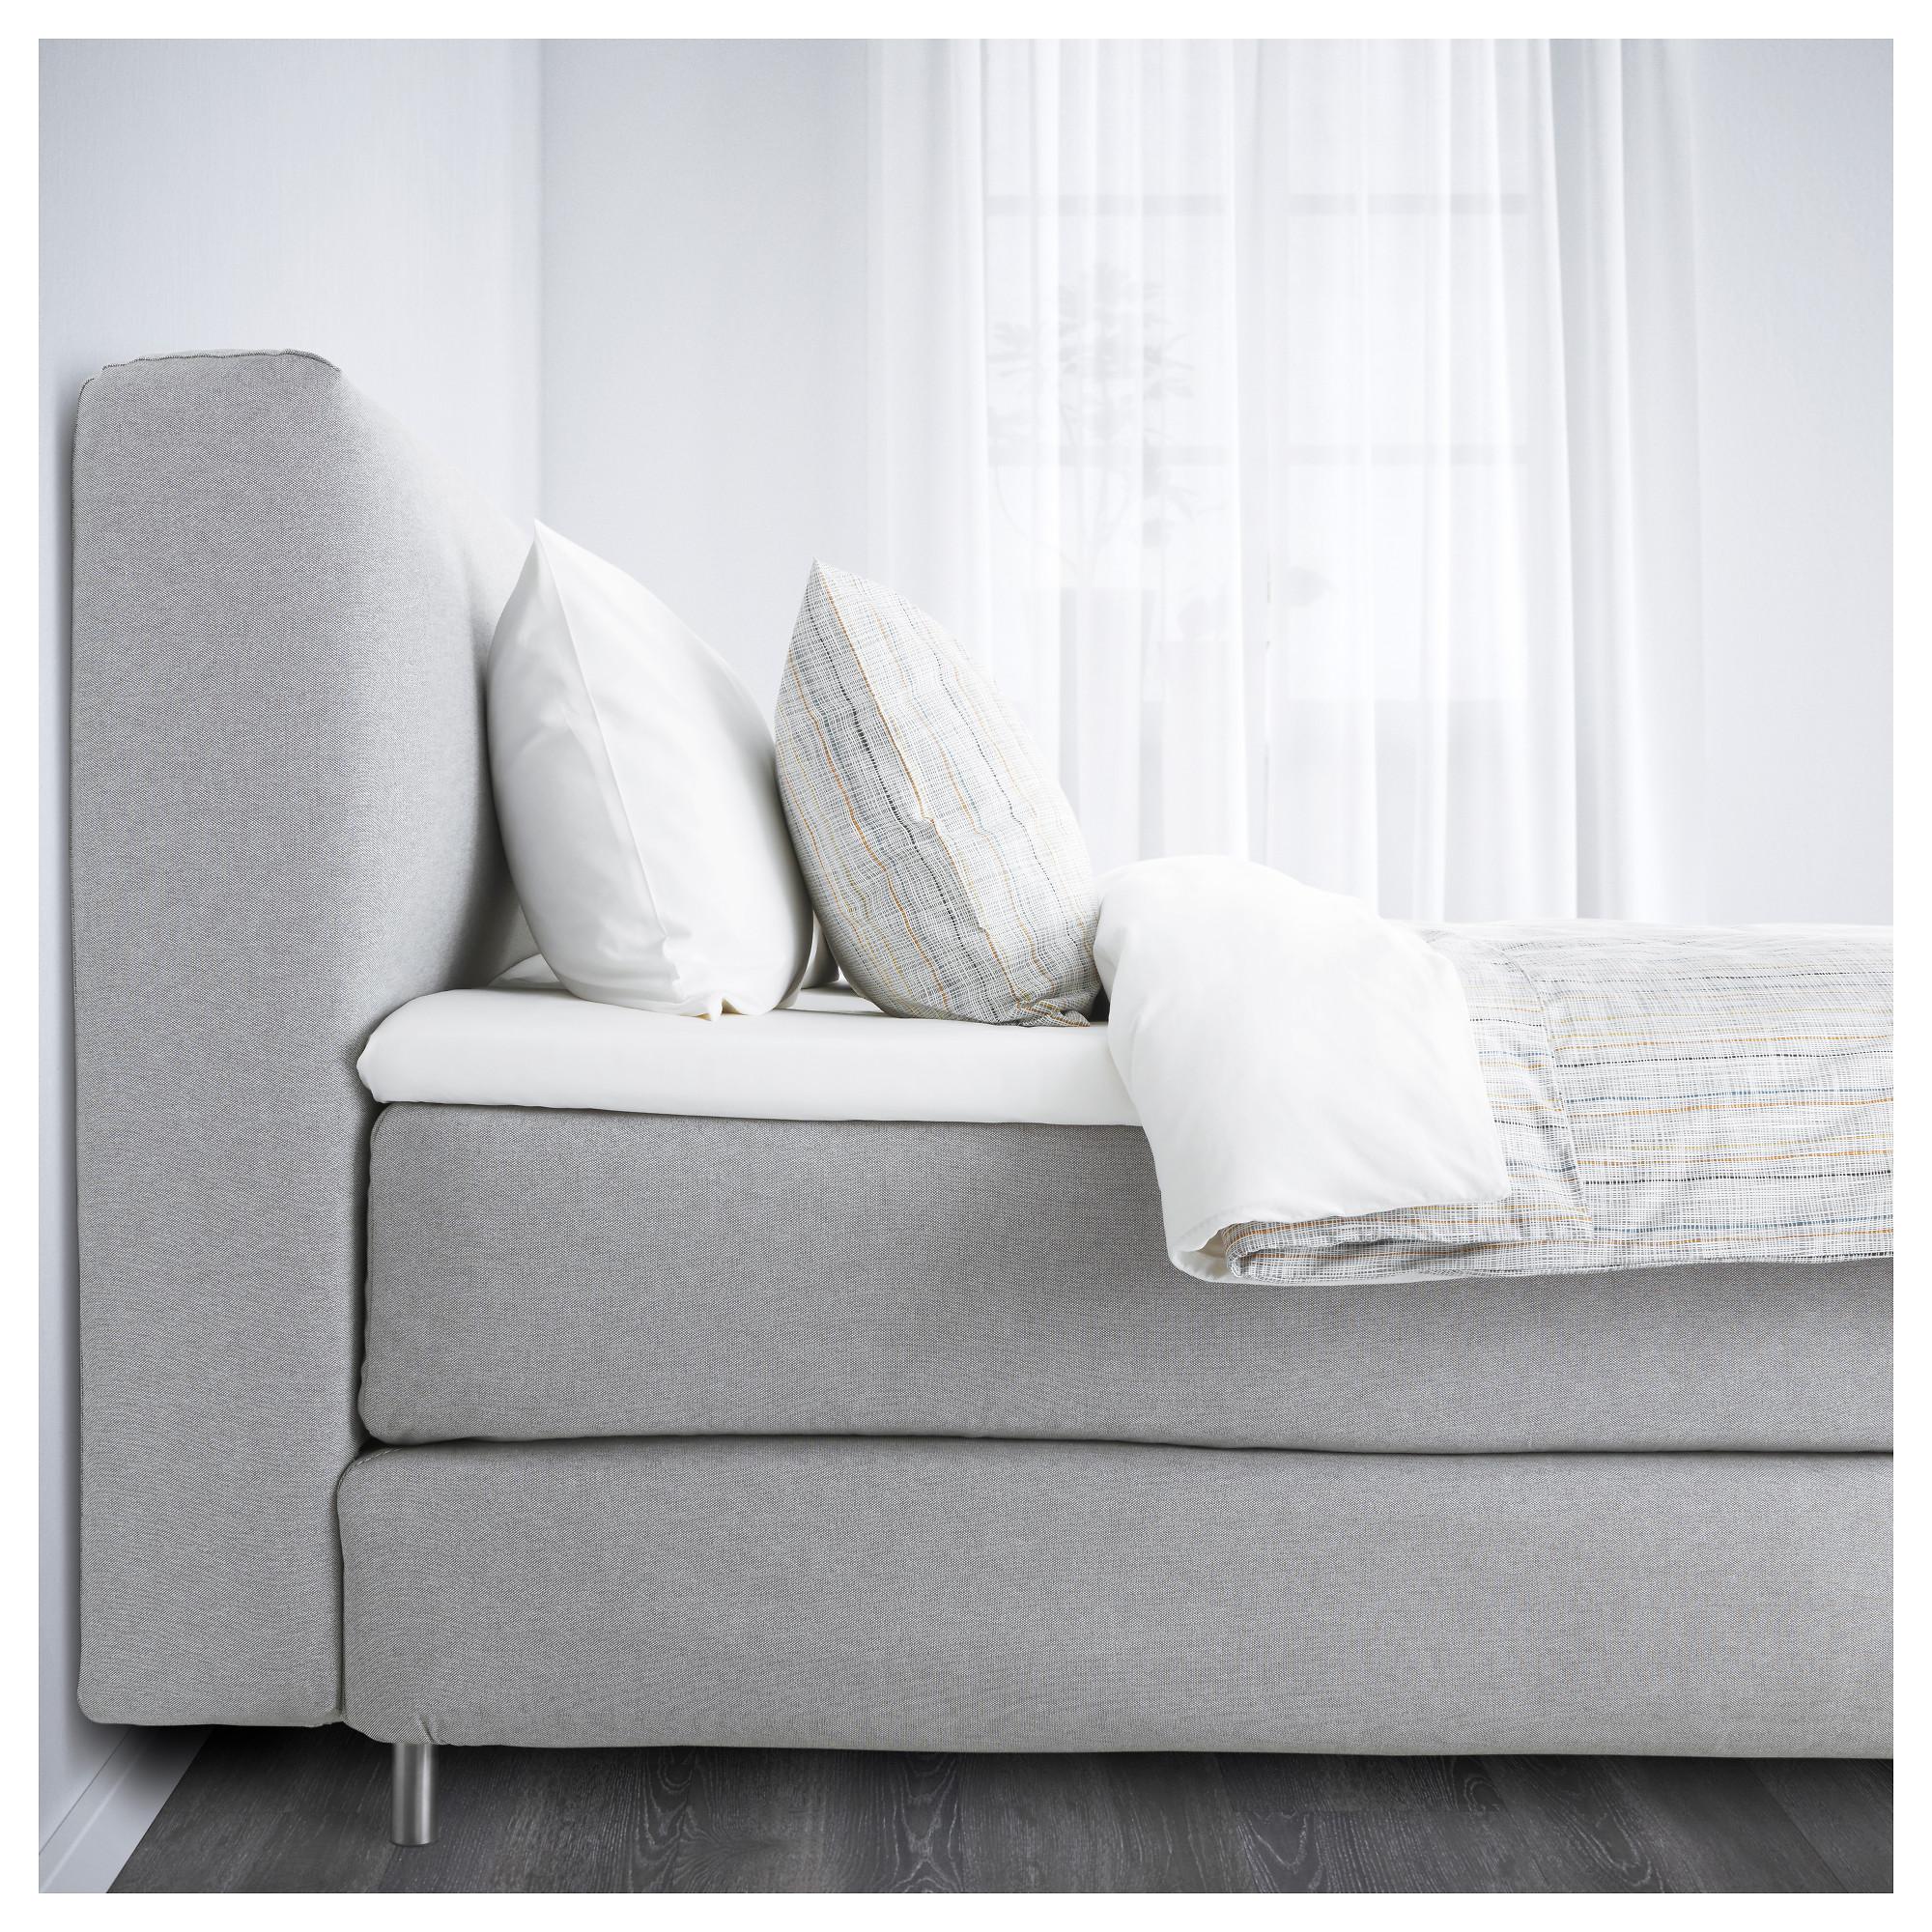 Full Size of Bett Günstig Kaufen Boxspringbett Mjlvik Von Ikea Der Groe Bettentest Sonoma Eiche 140x200 Platzsparend 140 X 200 Prinzessinen 120x200 Schlafzimmer Komplett Bett Bett Günstig Kaufen